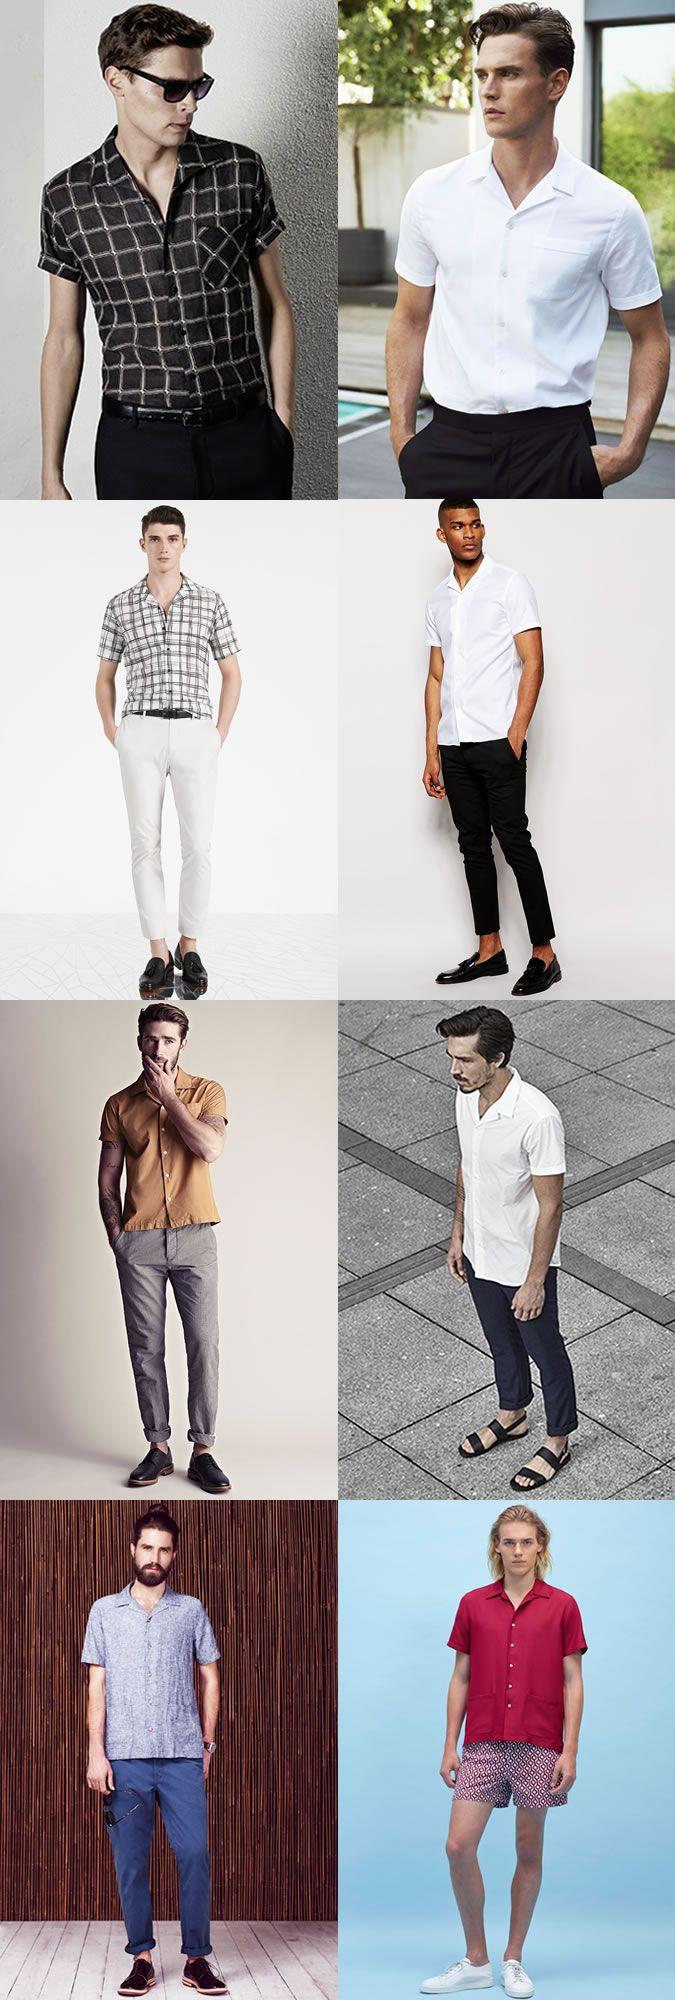 Men's Cuban Collar Shirt Outfit Inspiration Lookbook